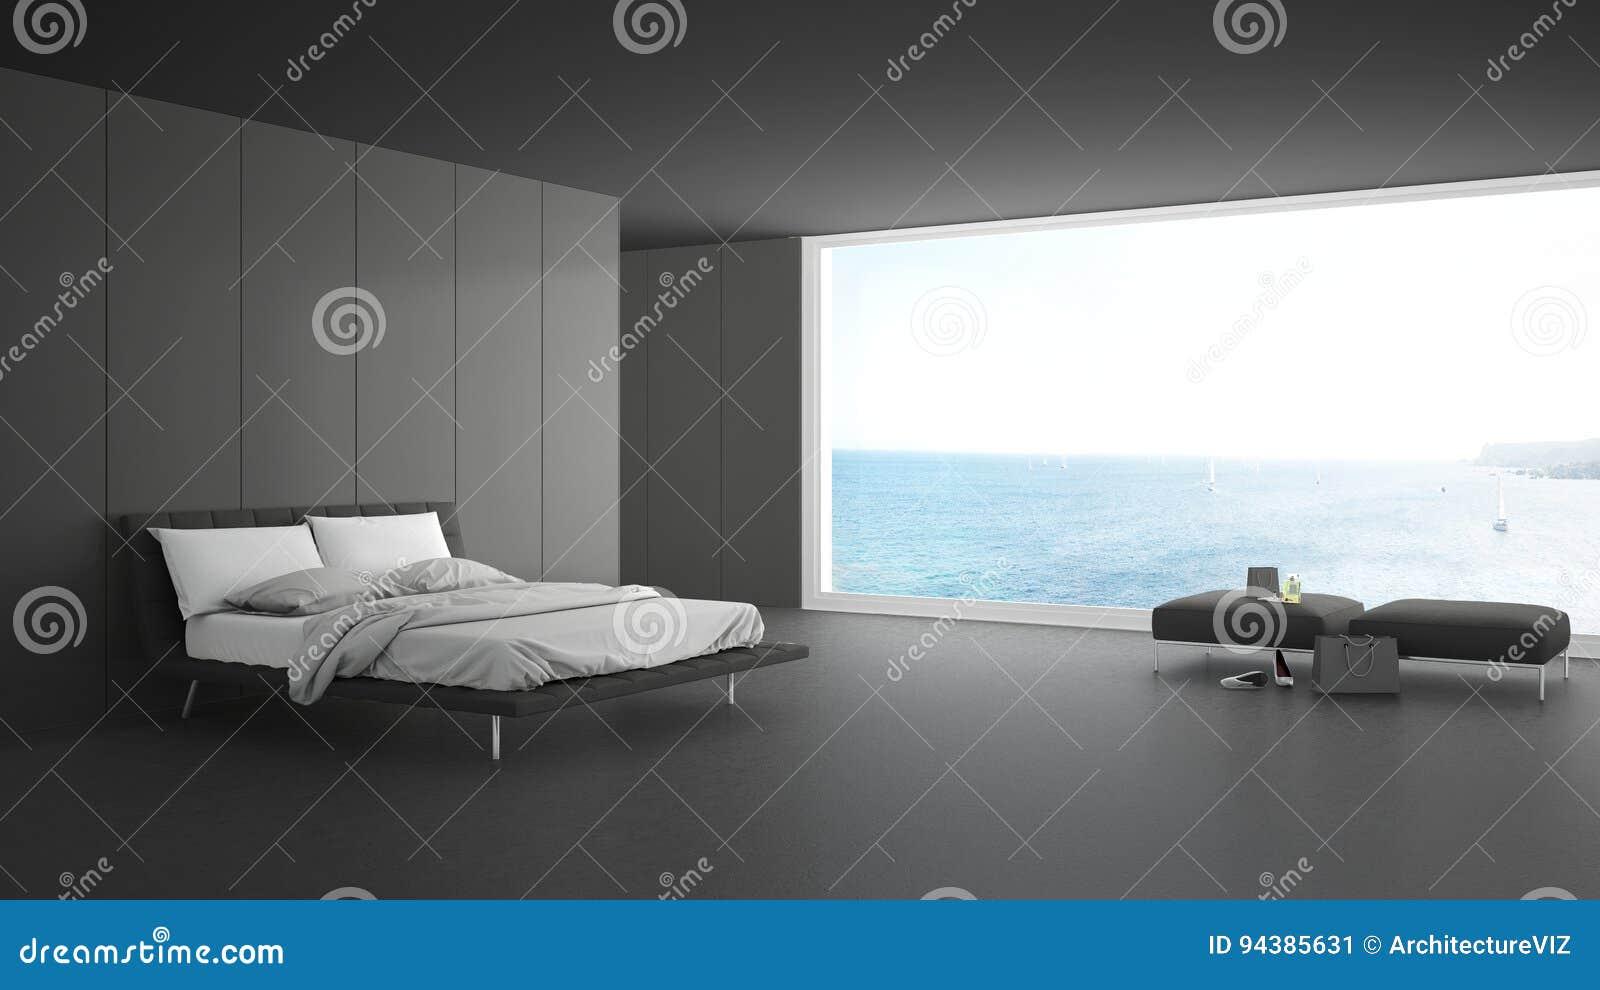 Kleine Minimalistische Slaapkamer : Minimalistische slaapkamer met groot venster op overzees panorama